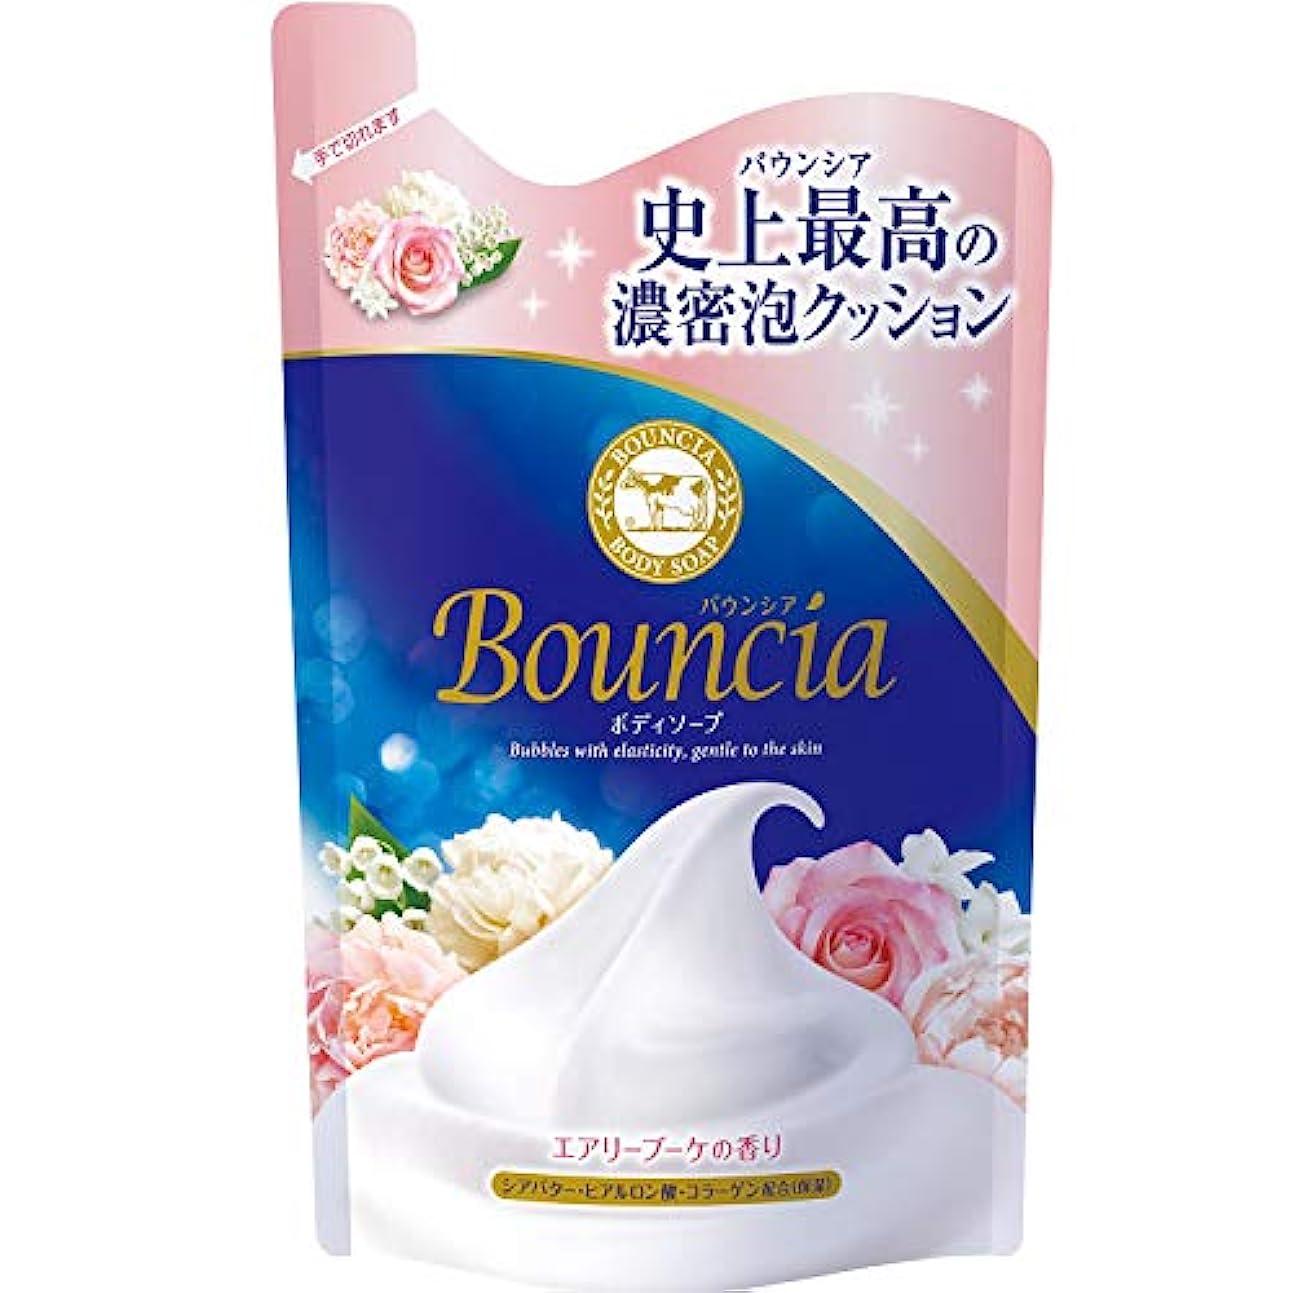 包括的常習者固体バウンシア ボディソープ エアリーブーケの香り 詰替 400mL